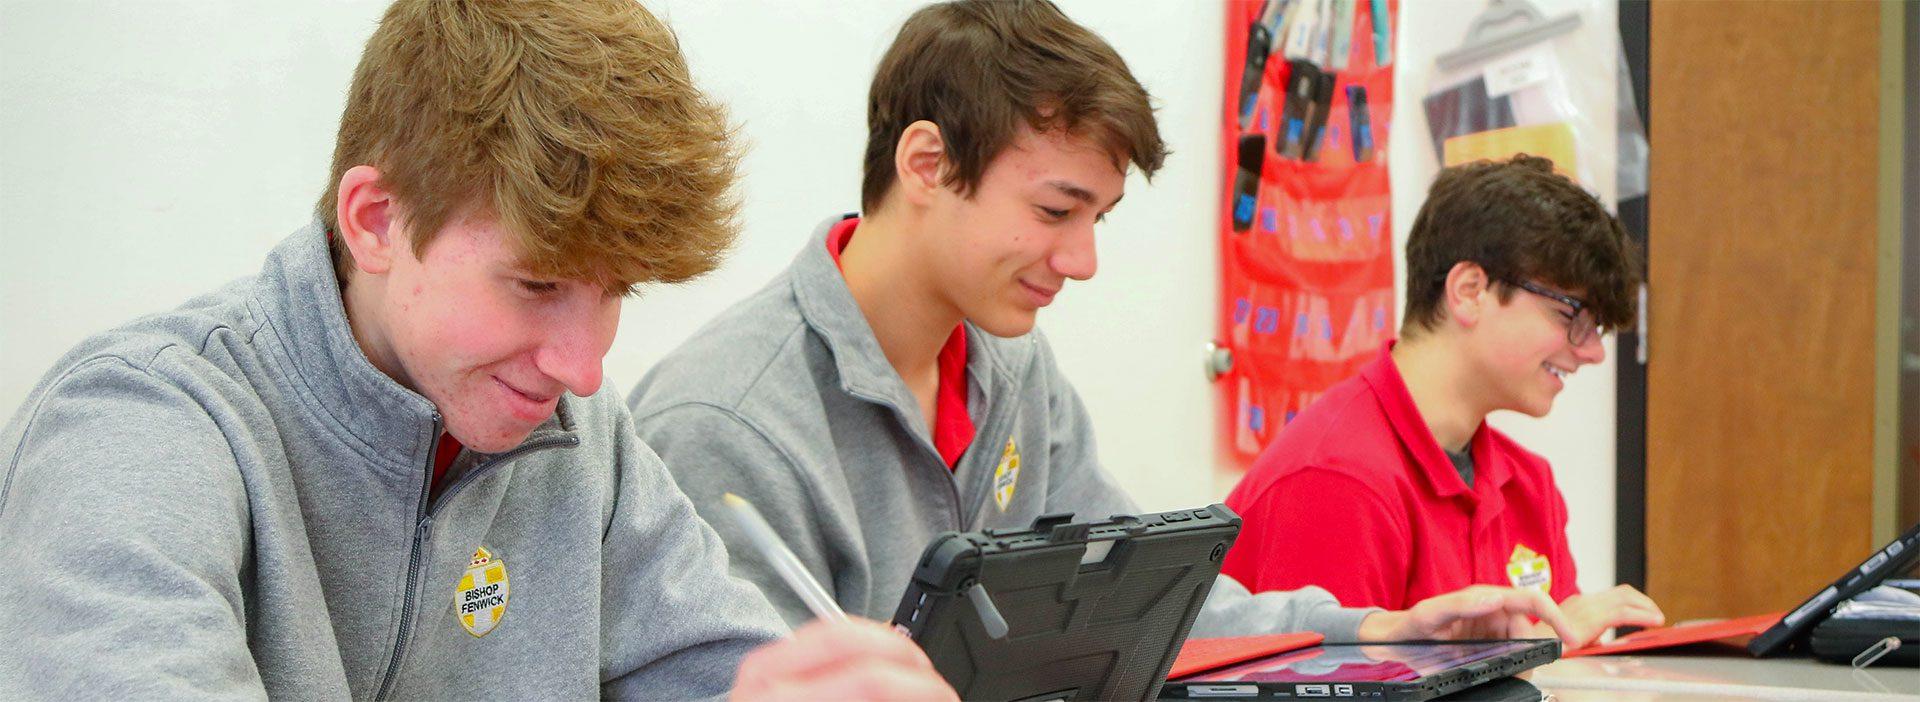 boys sitting at laptops smiling